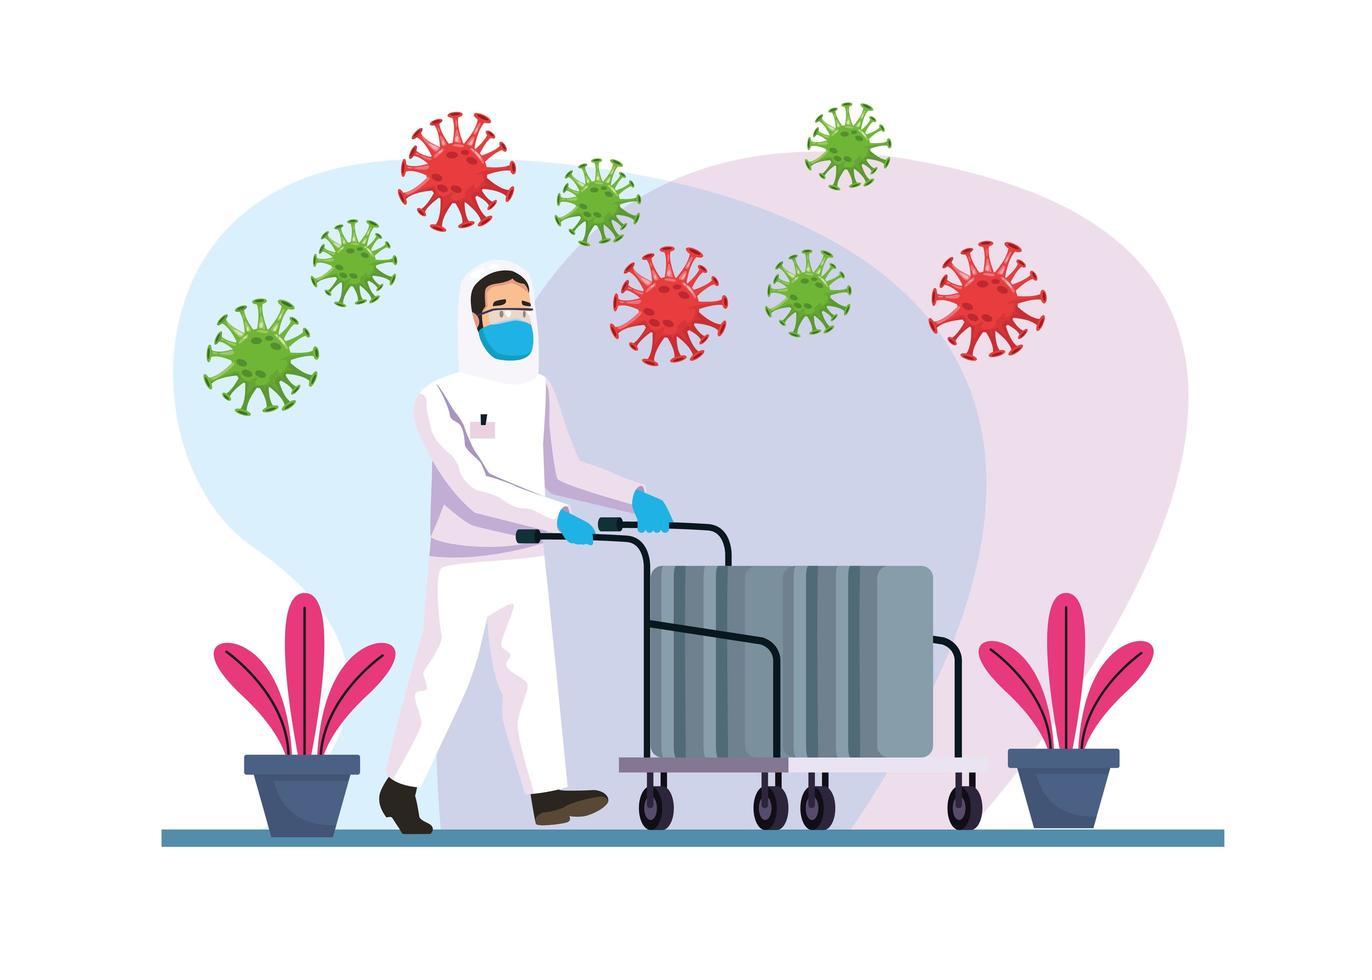 Persona de limpieza de riesgo biológico con partículas de covid 19 vector